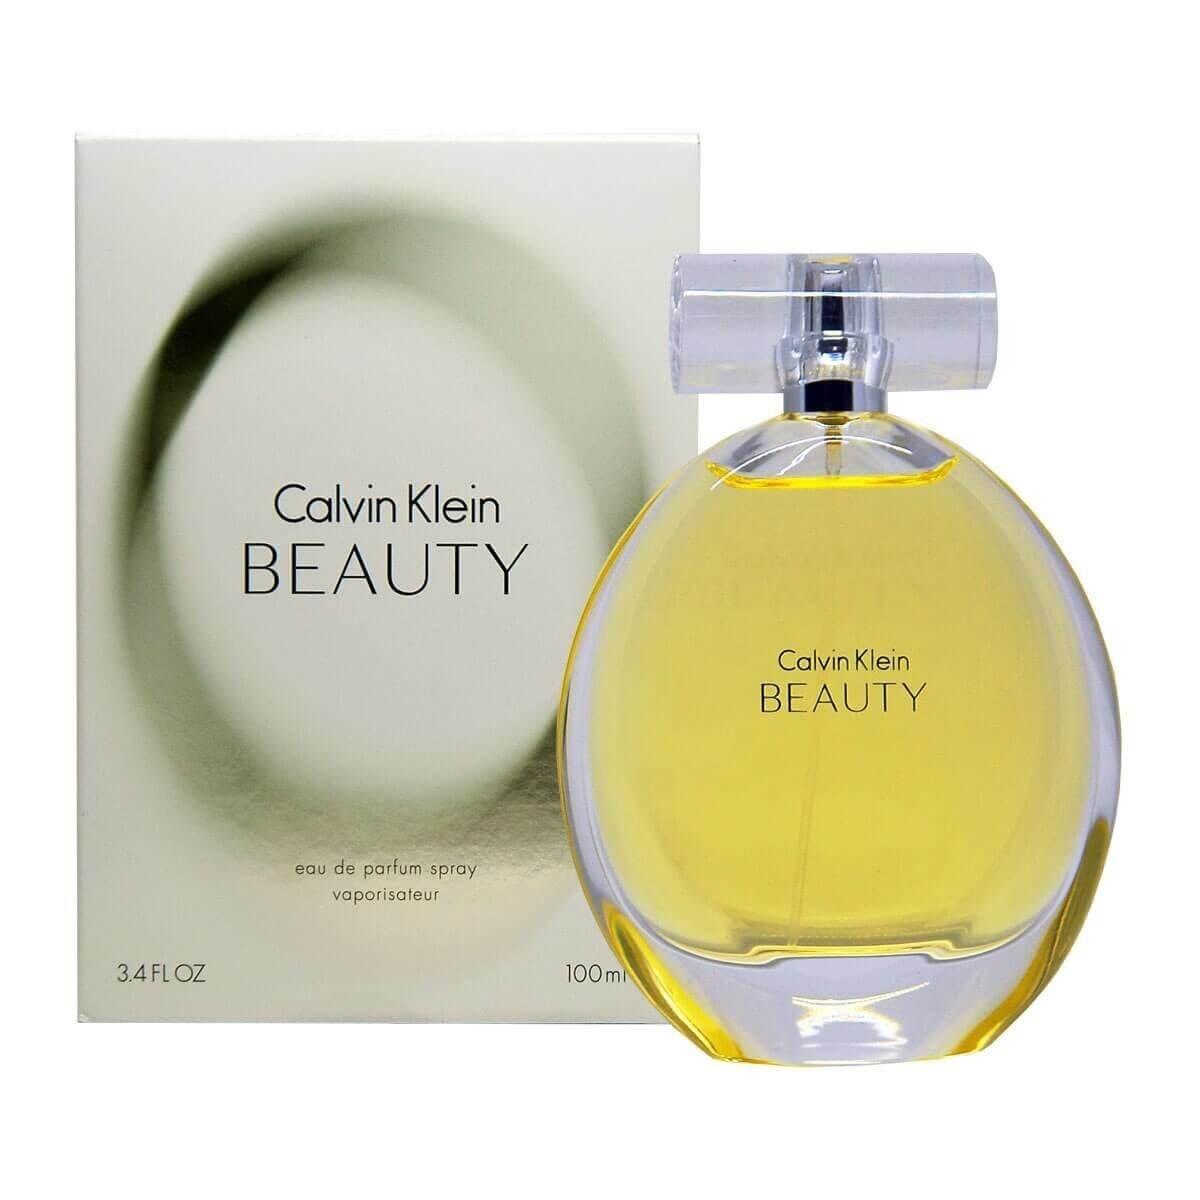 fe42e202a0 Beauty Kadın Parfüm Edp 100 ml CALVIN KLEIN - Watsons